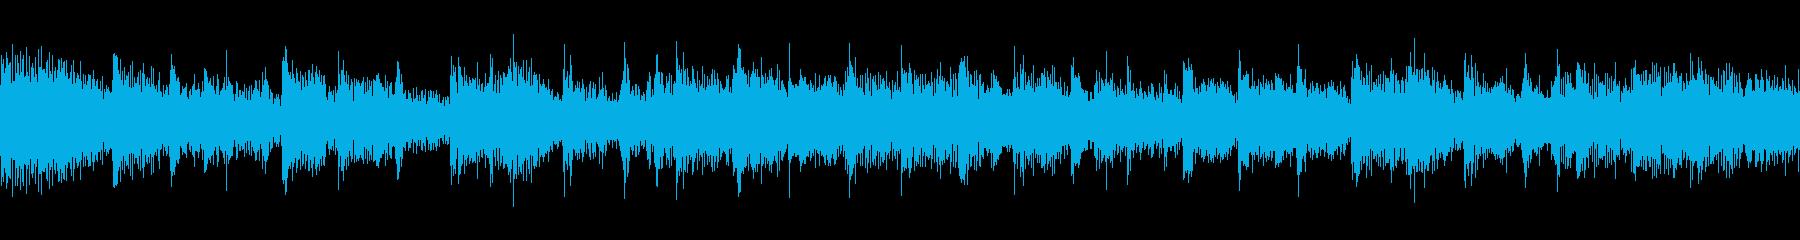 ファンクハウス/ダンス/ディスコ/...の再生済みの波形